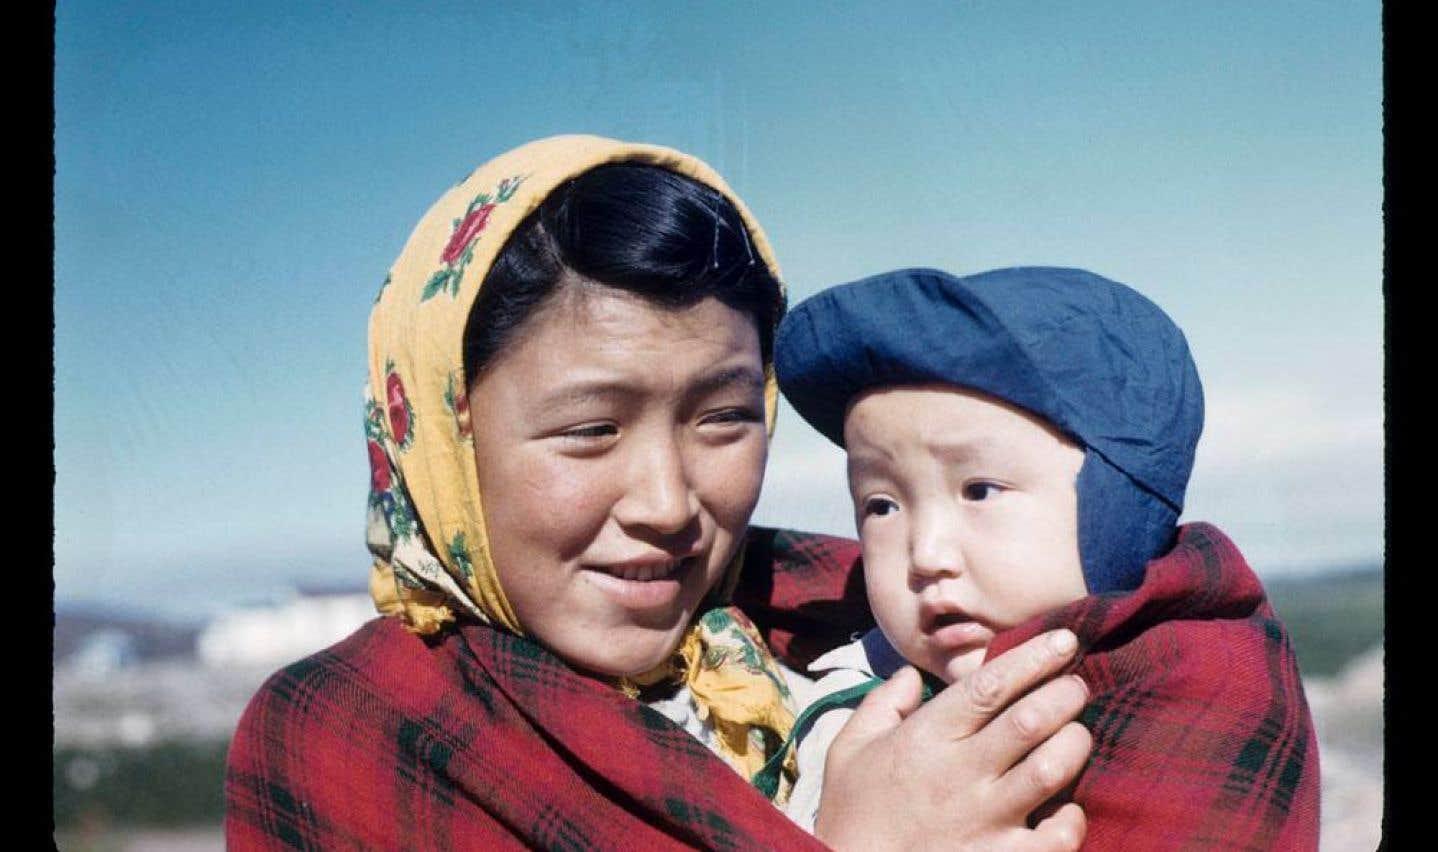 Selon une note retrouvée dans le journal de Rosemary Gilliat Eaton en voyage à Kuujjuaq, du 13 juillet au 9 août 1960, cette femme pourrait être Annie Johannesee.